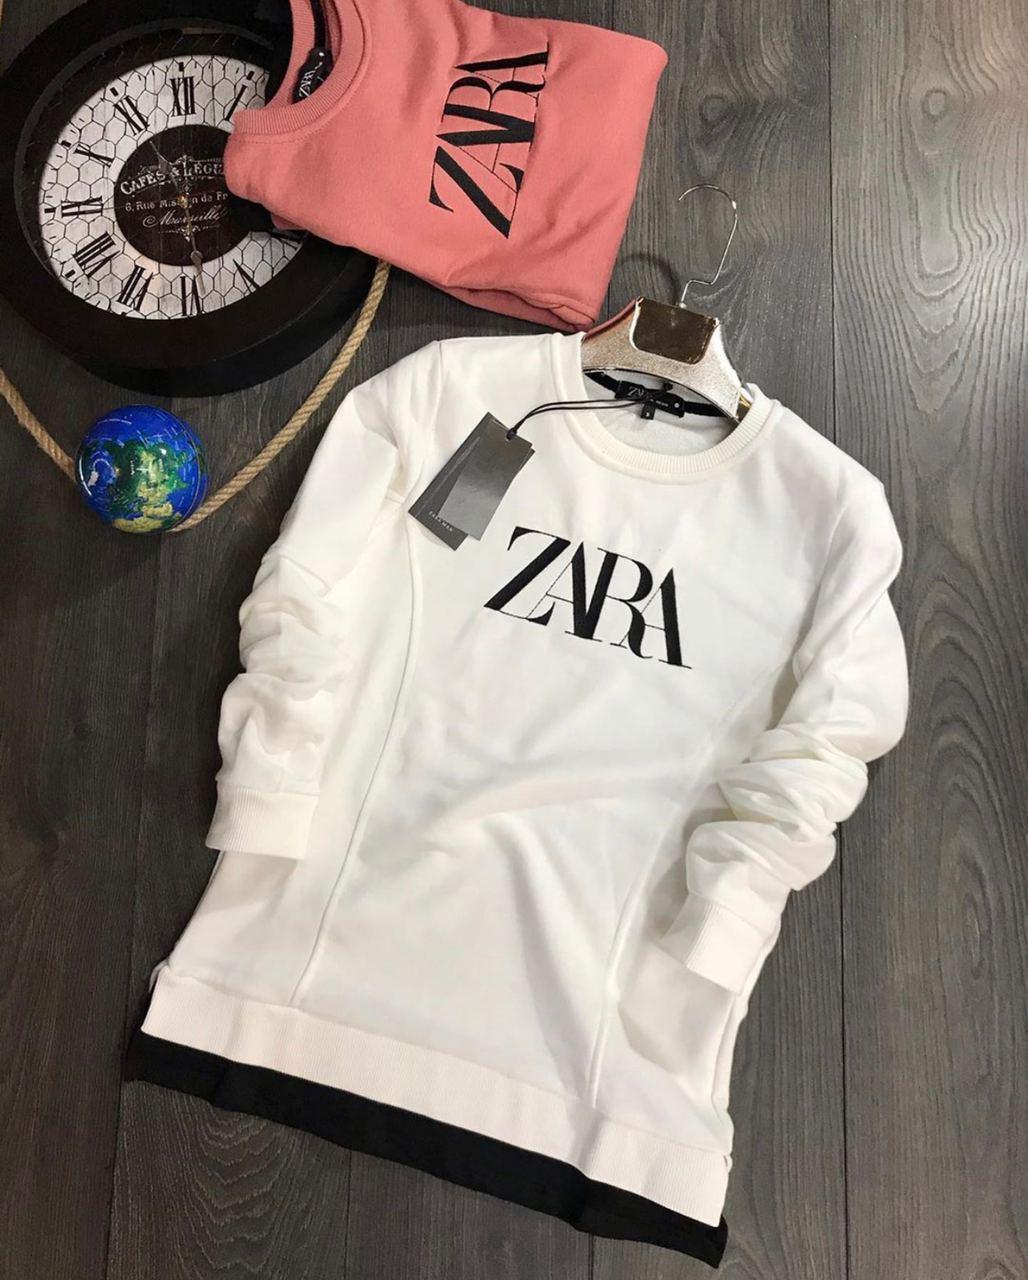 😜 Світшот - Чоловічий брендовий світшот ZARA білий